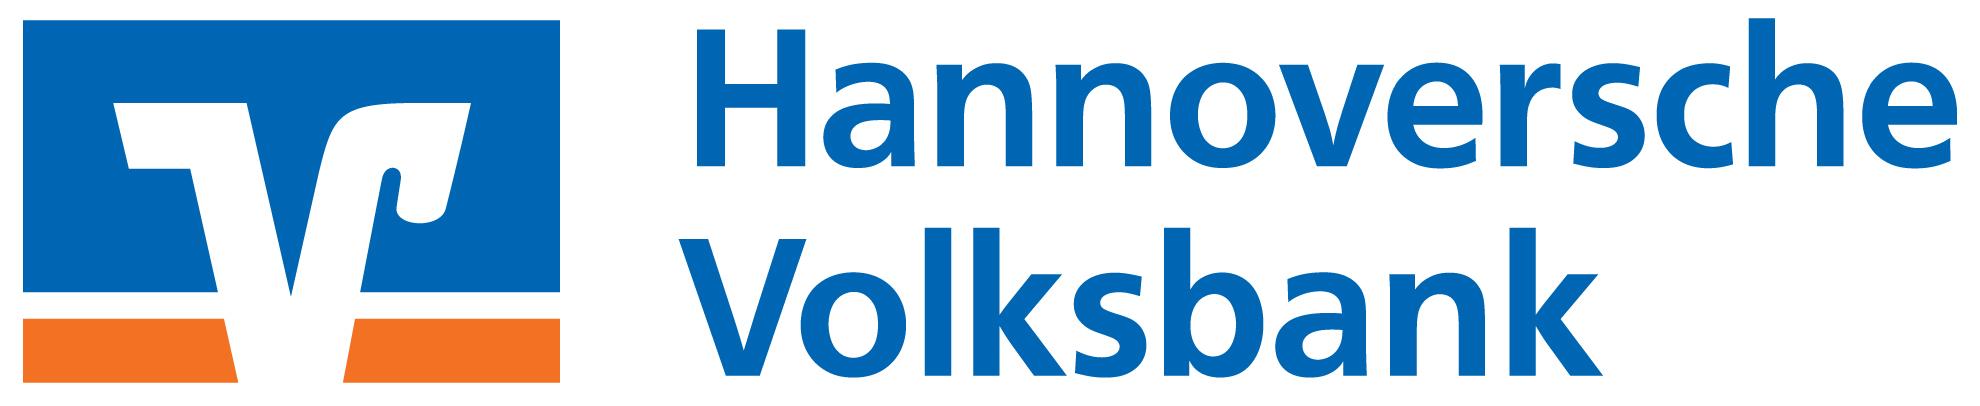 Hannoversche Volksbank eG SelbstbedienungsCenter Neustadt (Edeka)